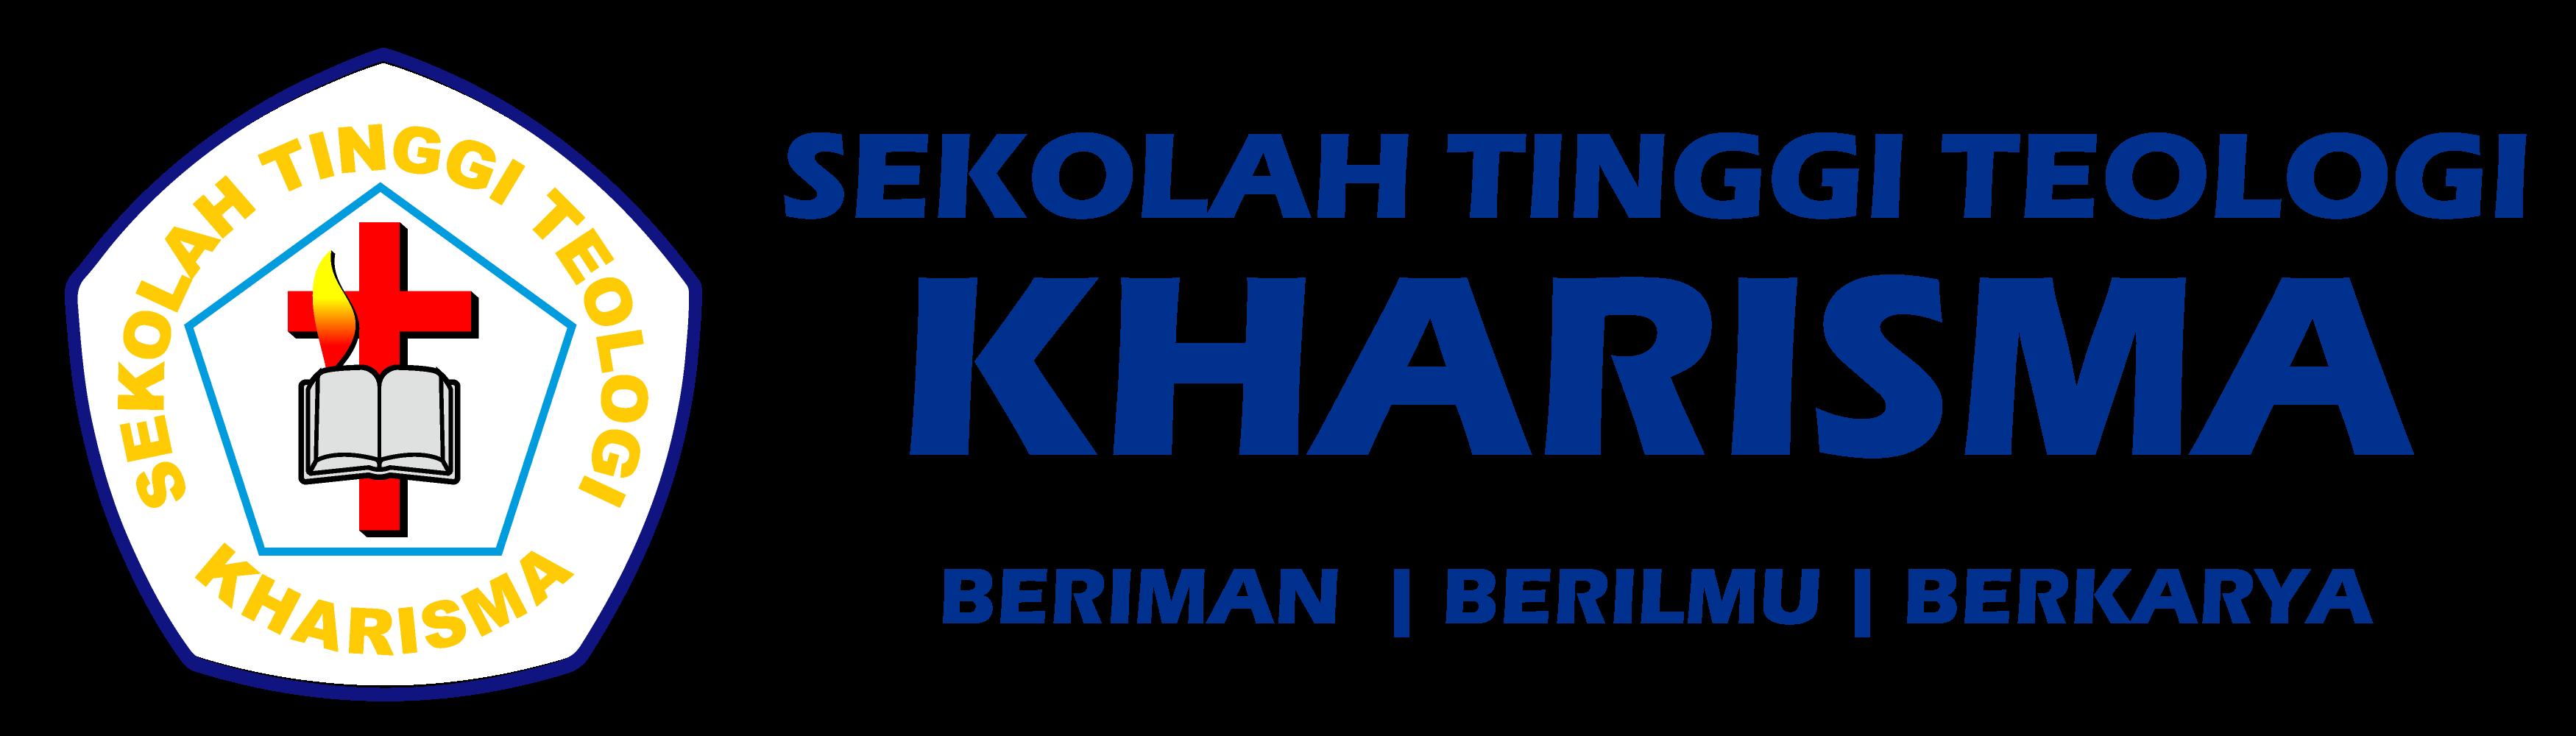 Sekolah Tinggi Teologi Kharisma